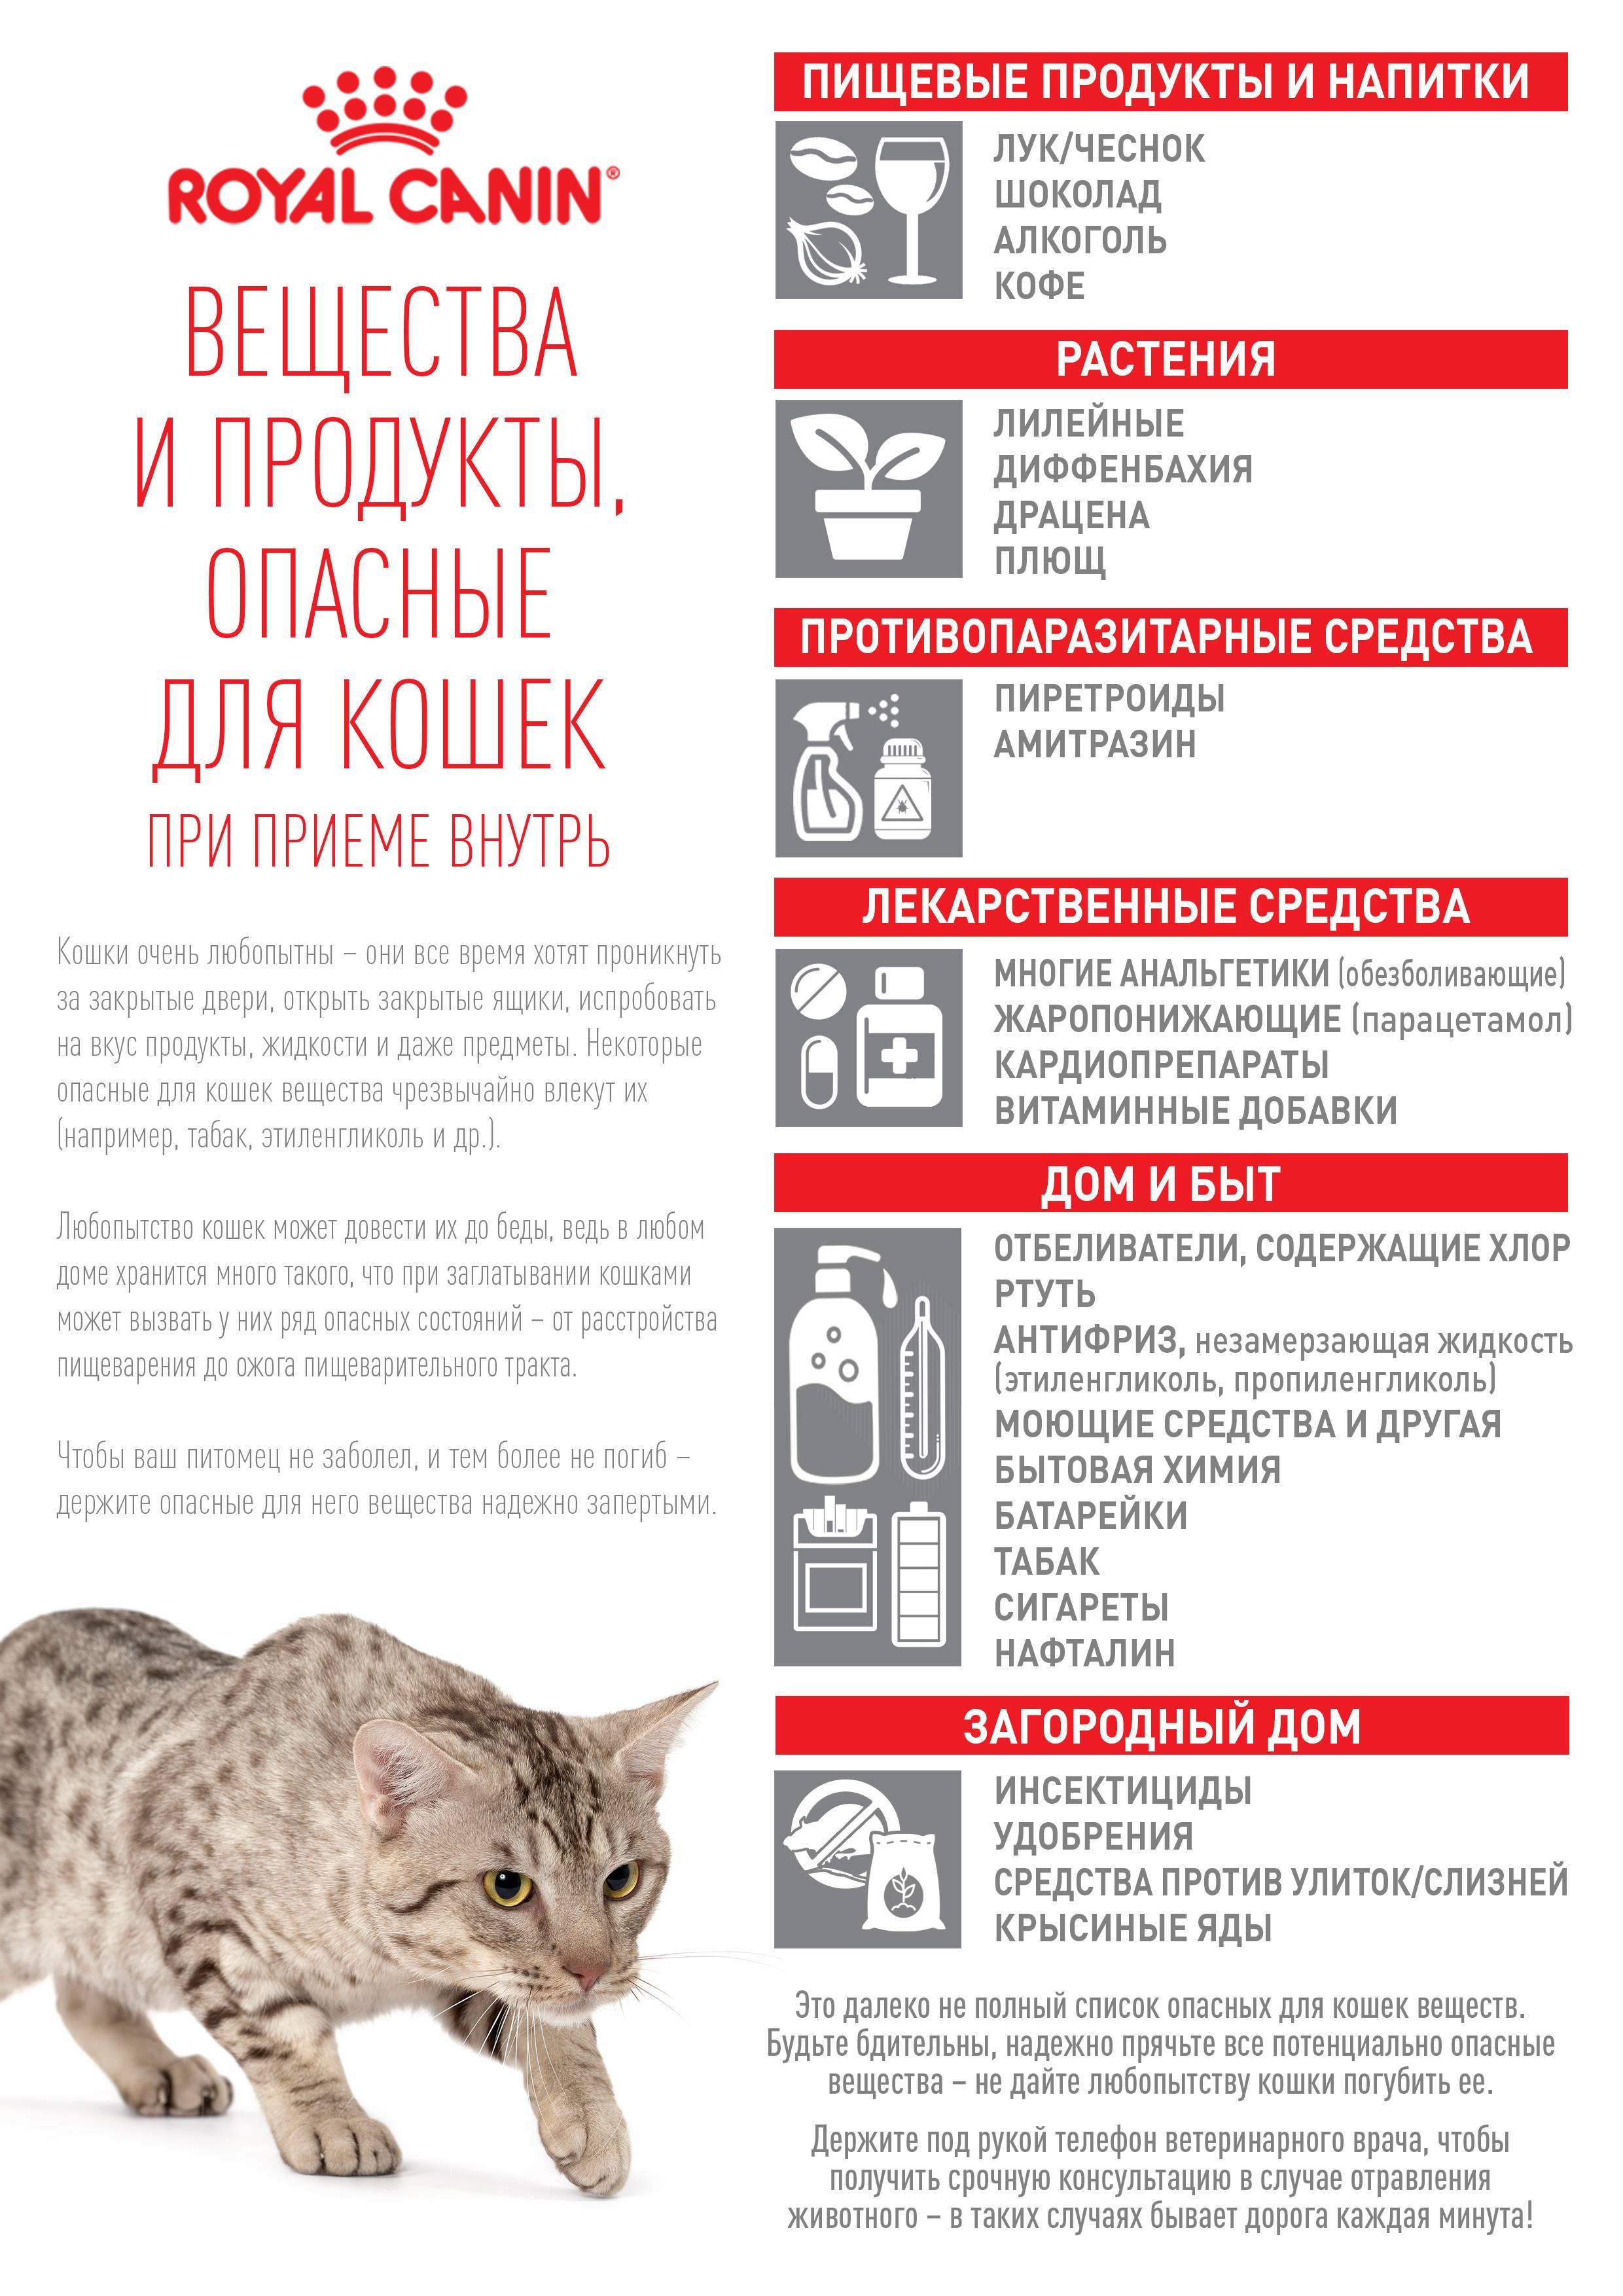 Вреден ли сухой корм для кошек: разберём вред и пользу по науке